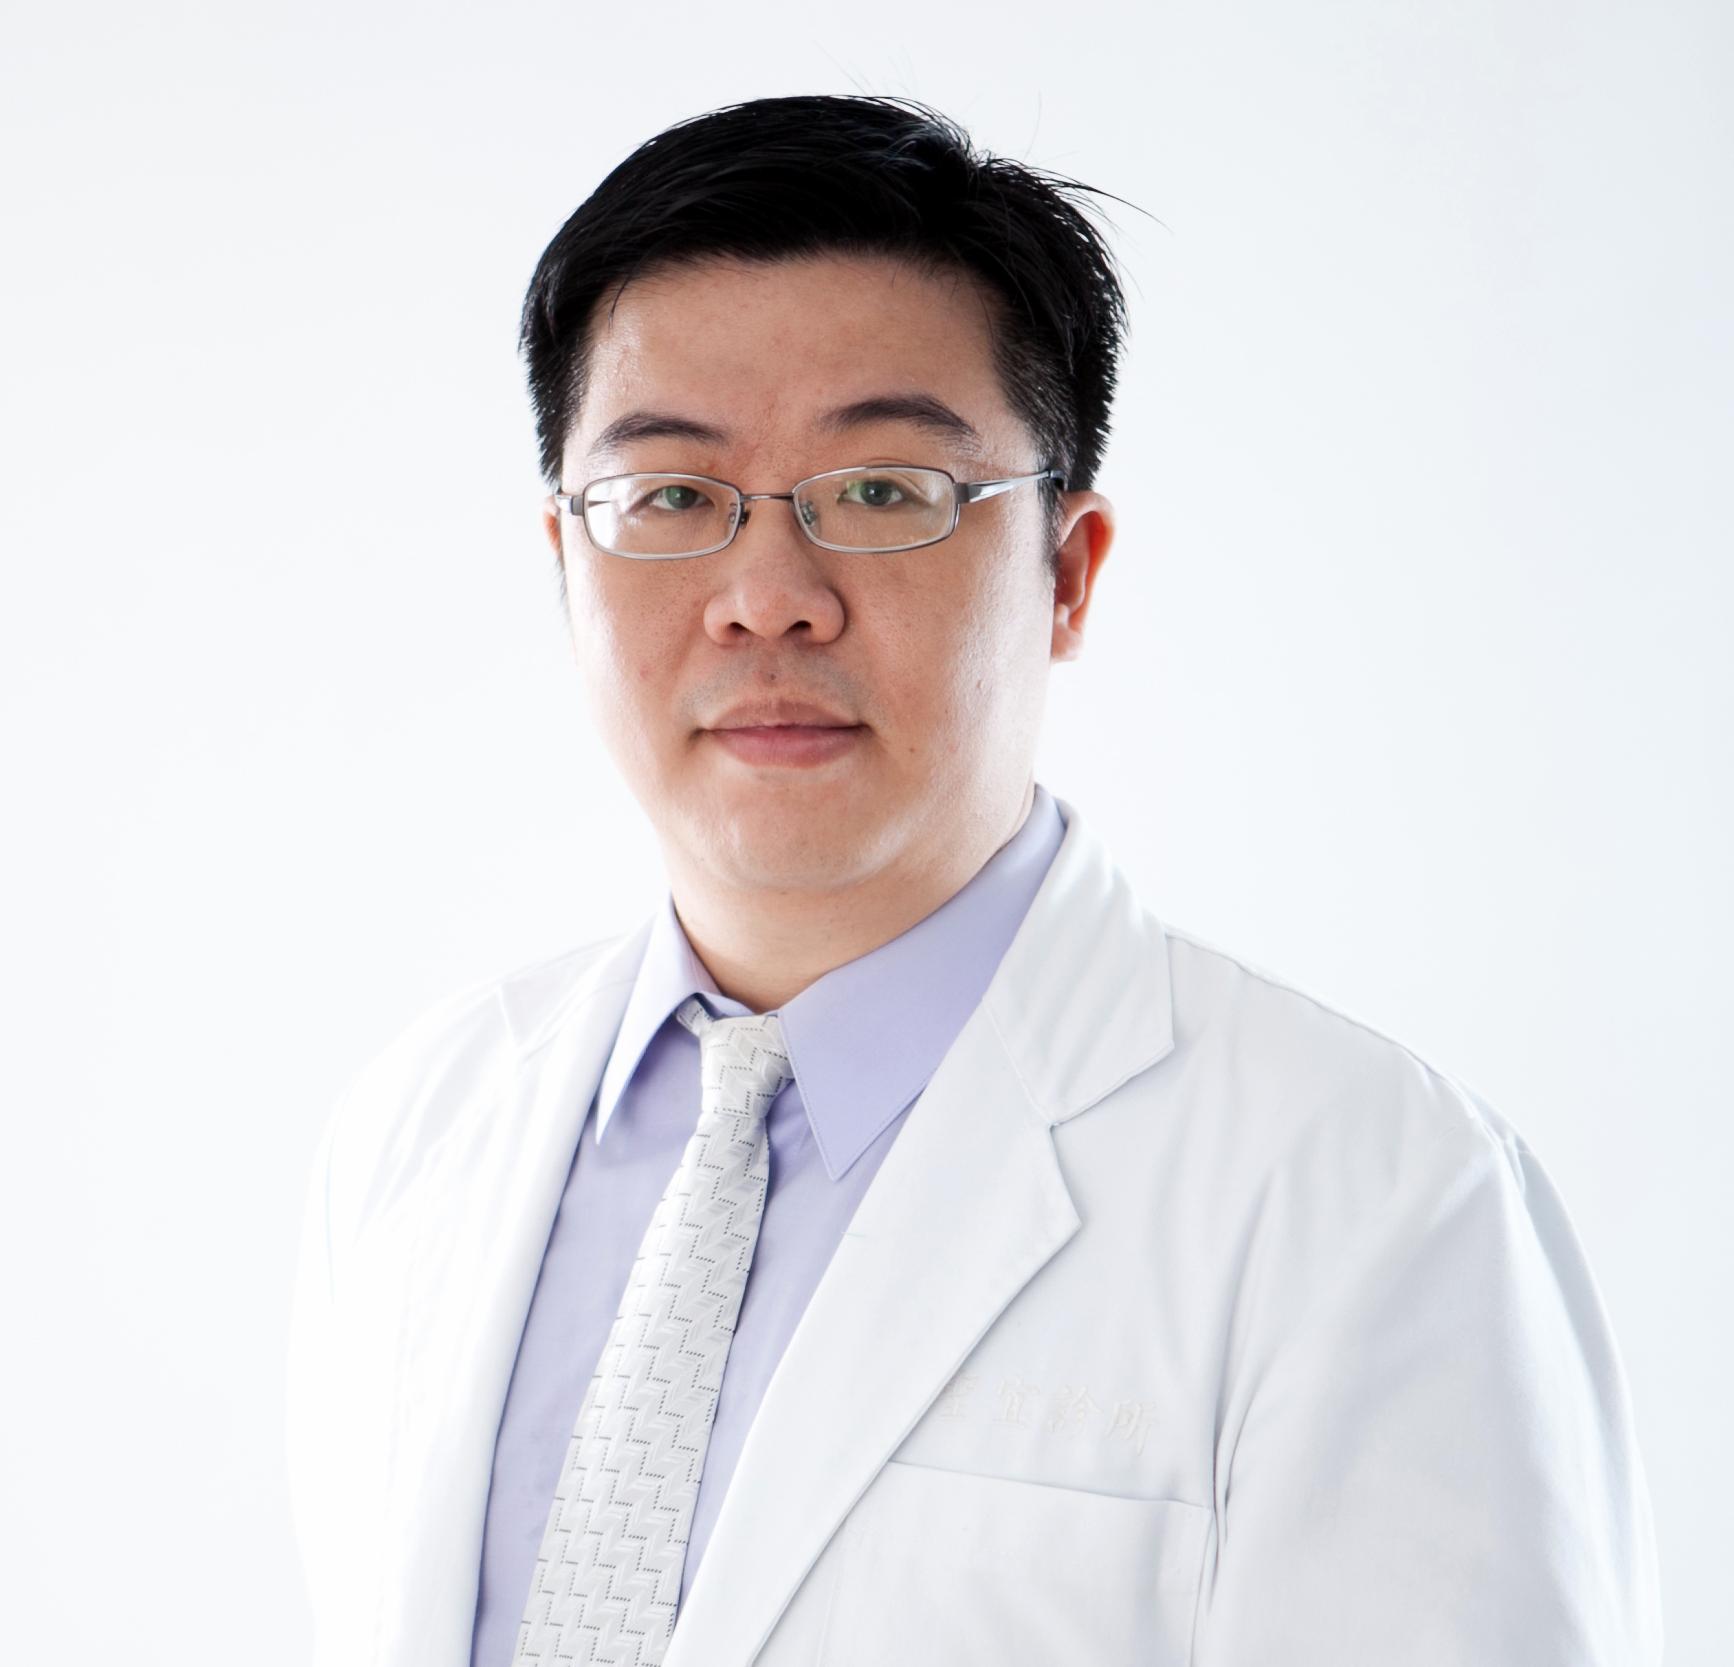 隆乳手術|抽脂手術|台北隆乳 - 林敬鈞 醫師